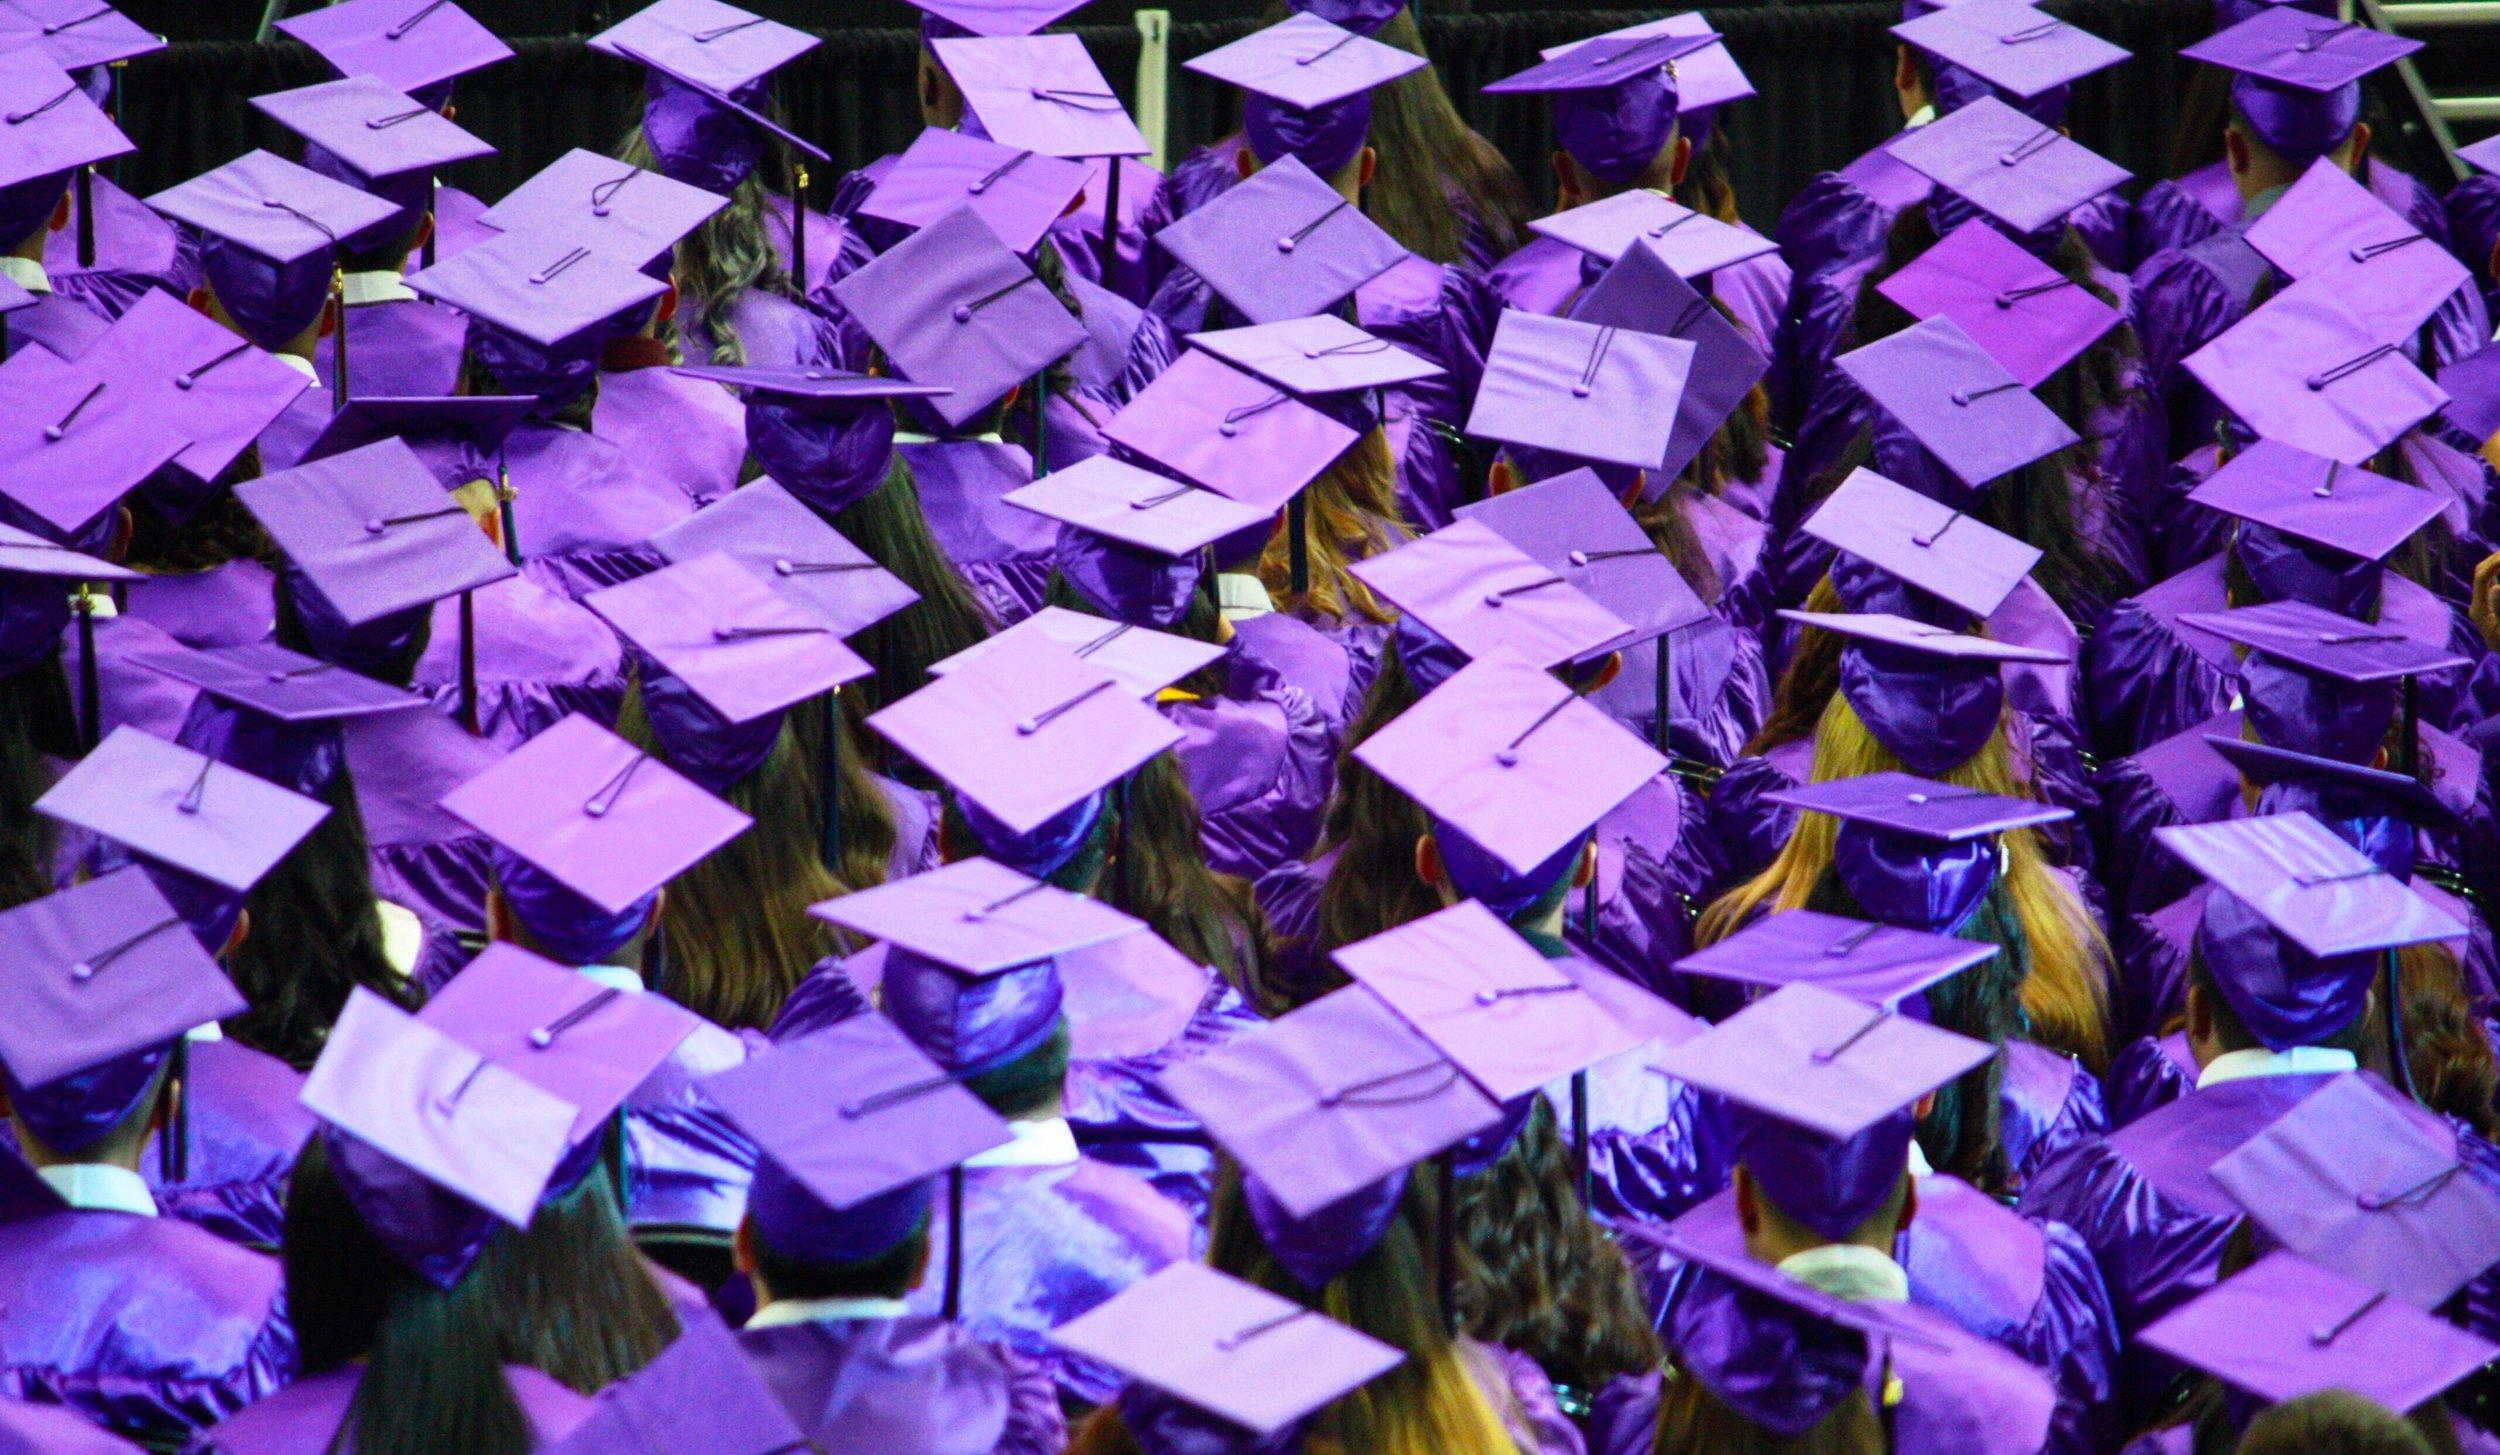 kia jarmon graduate